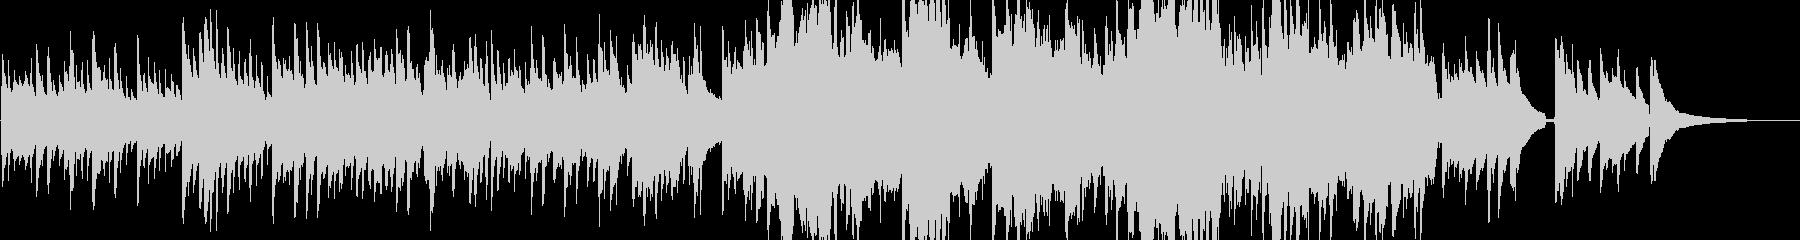 企業VP13 16bit48kHzVerの未再生の波形